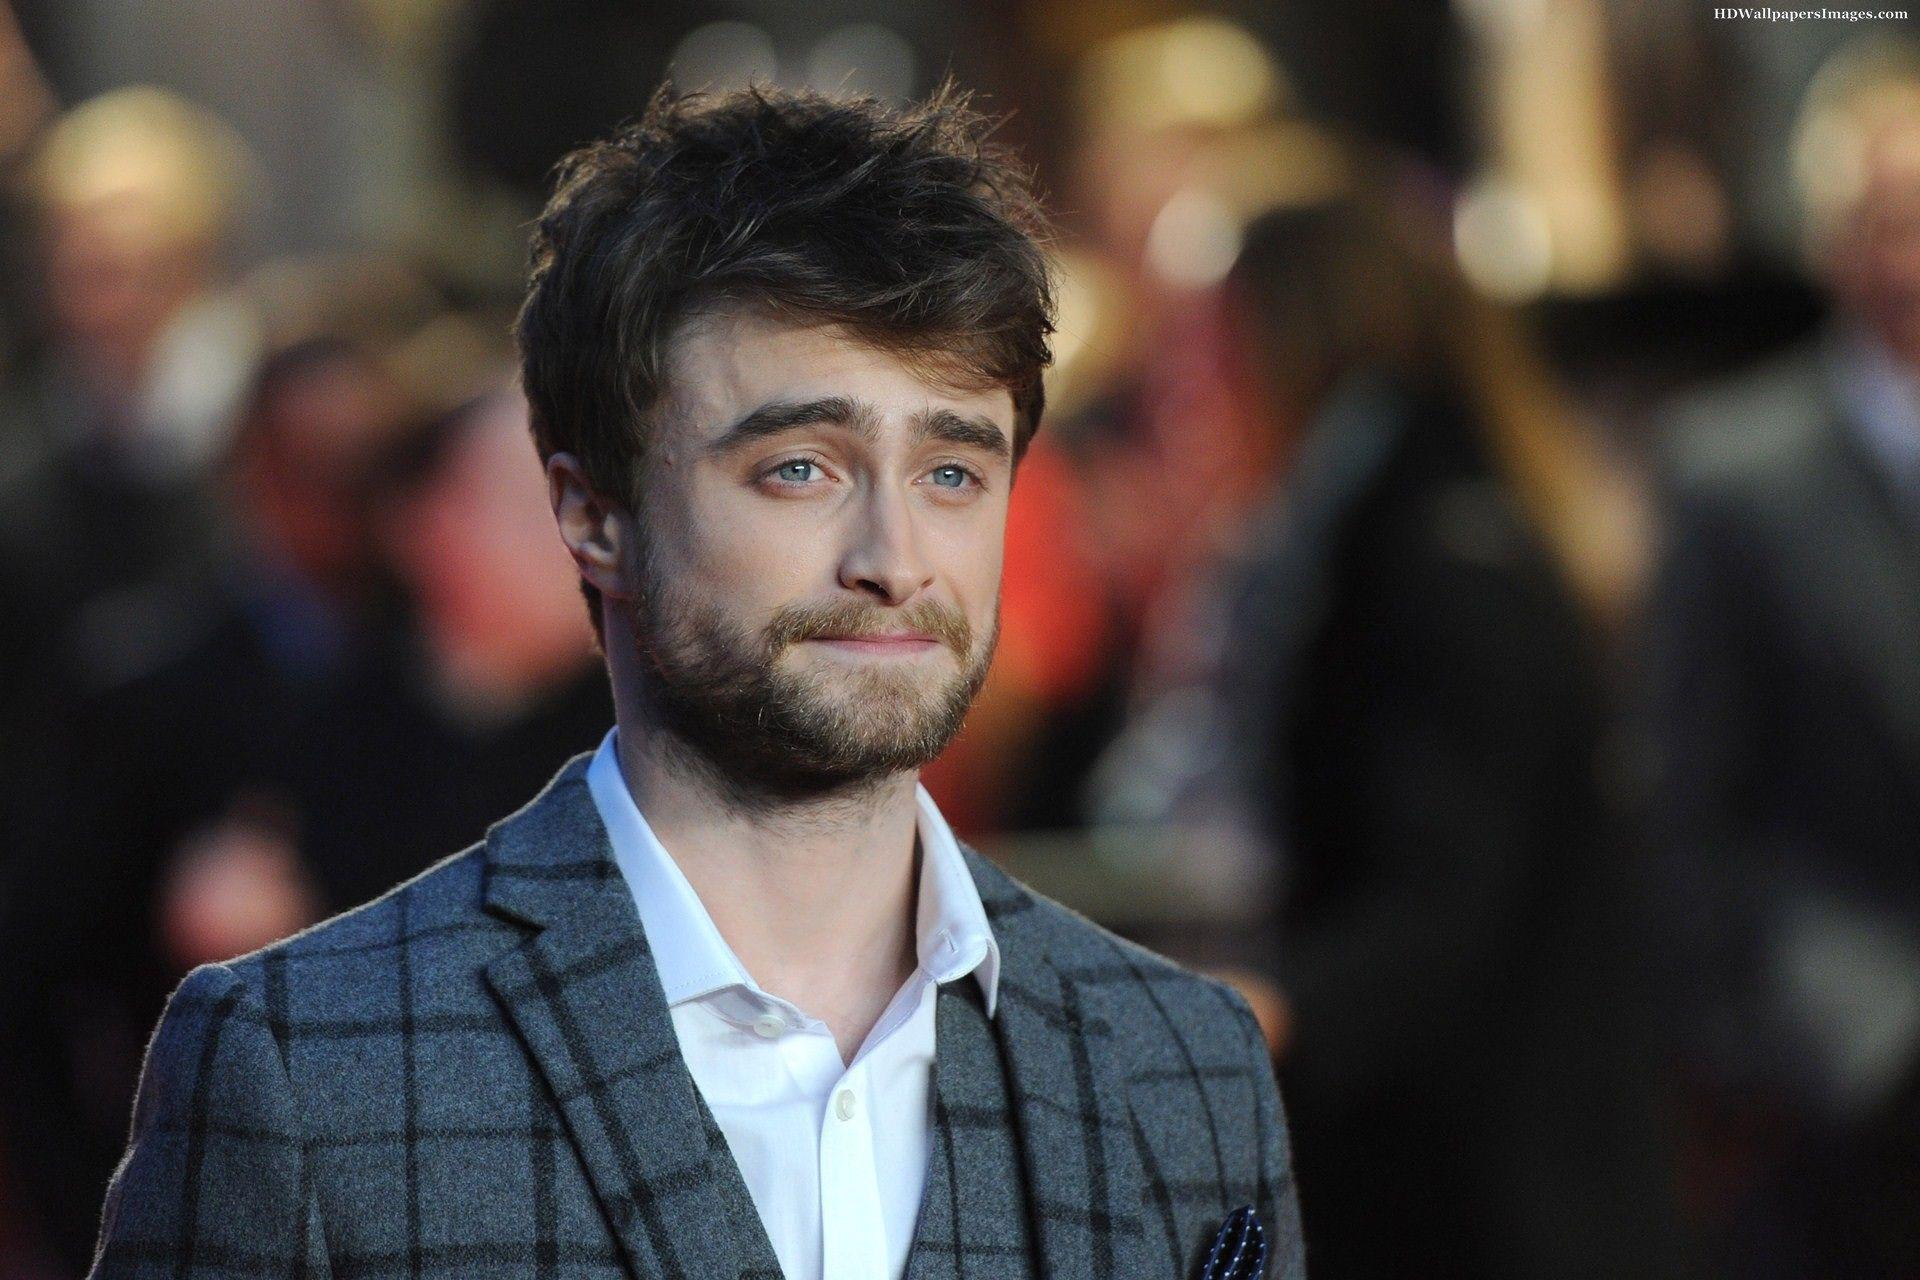 ator que fez Harry Potter será chefão da Rockstar em filme de GTA ZGB Start